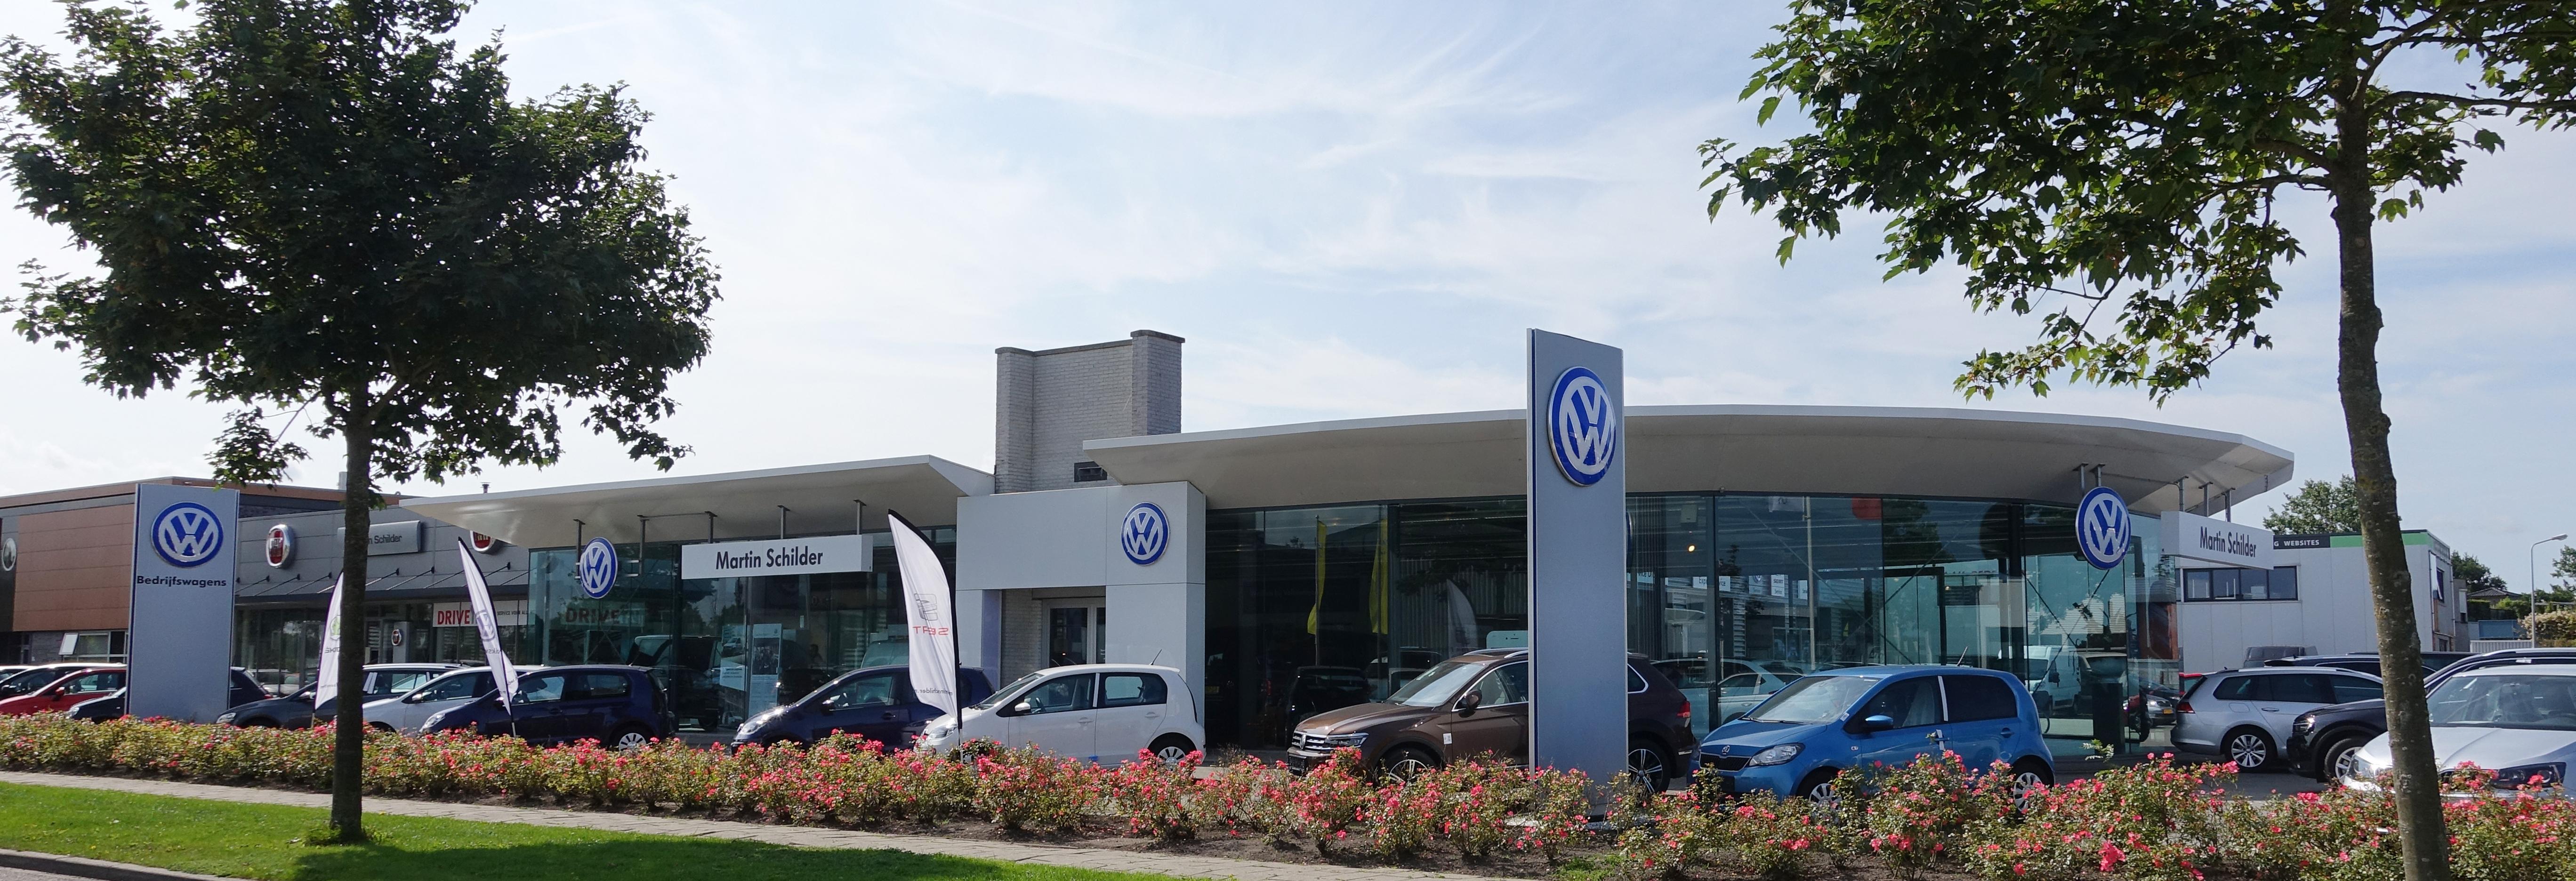 Dealer Martin Schilder Schagen Volkswagen Nl